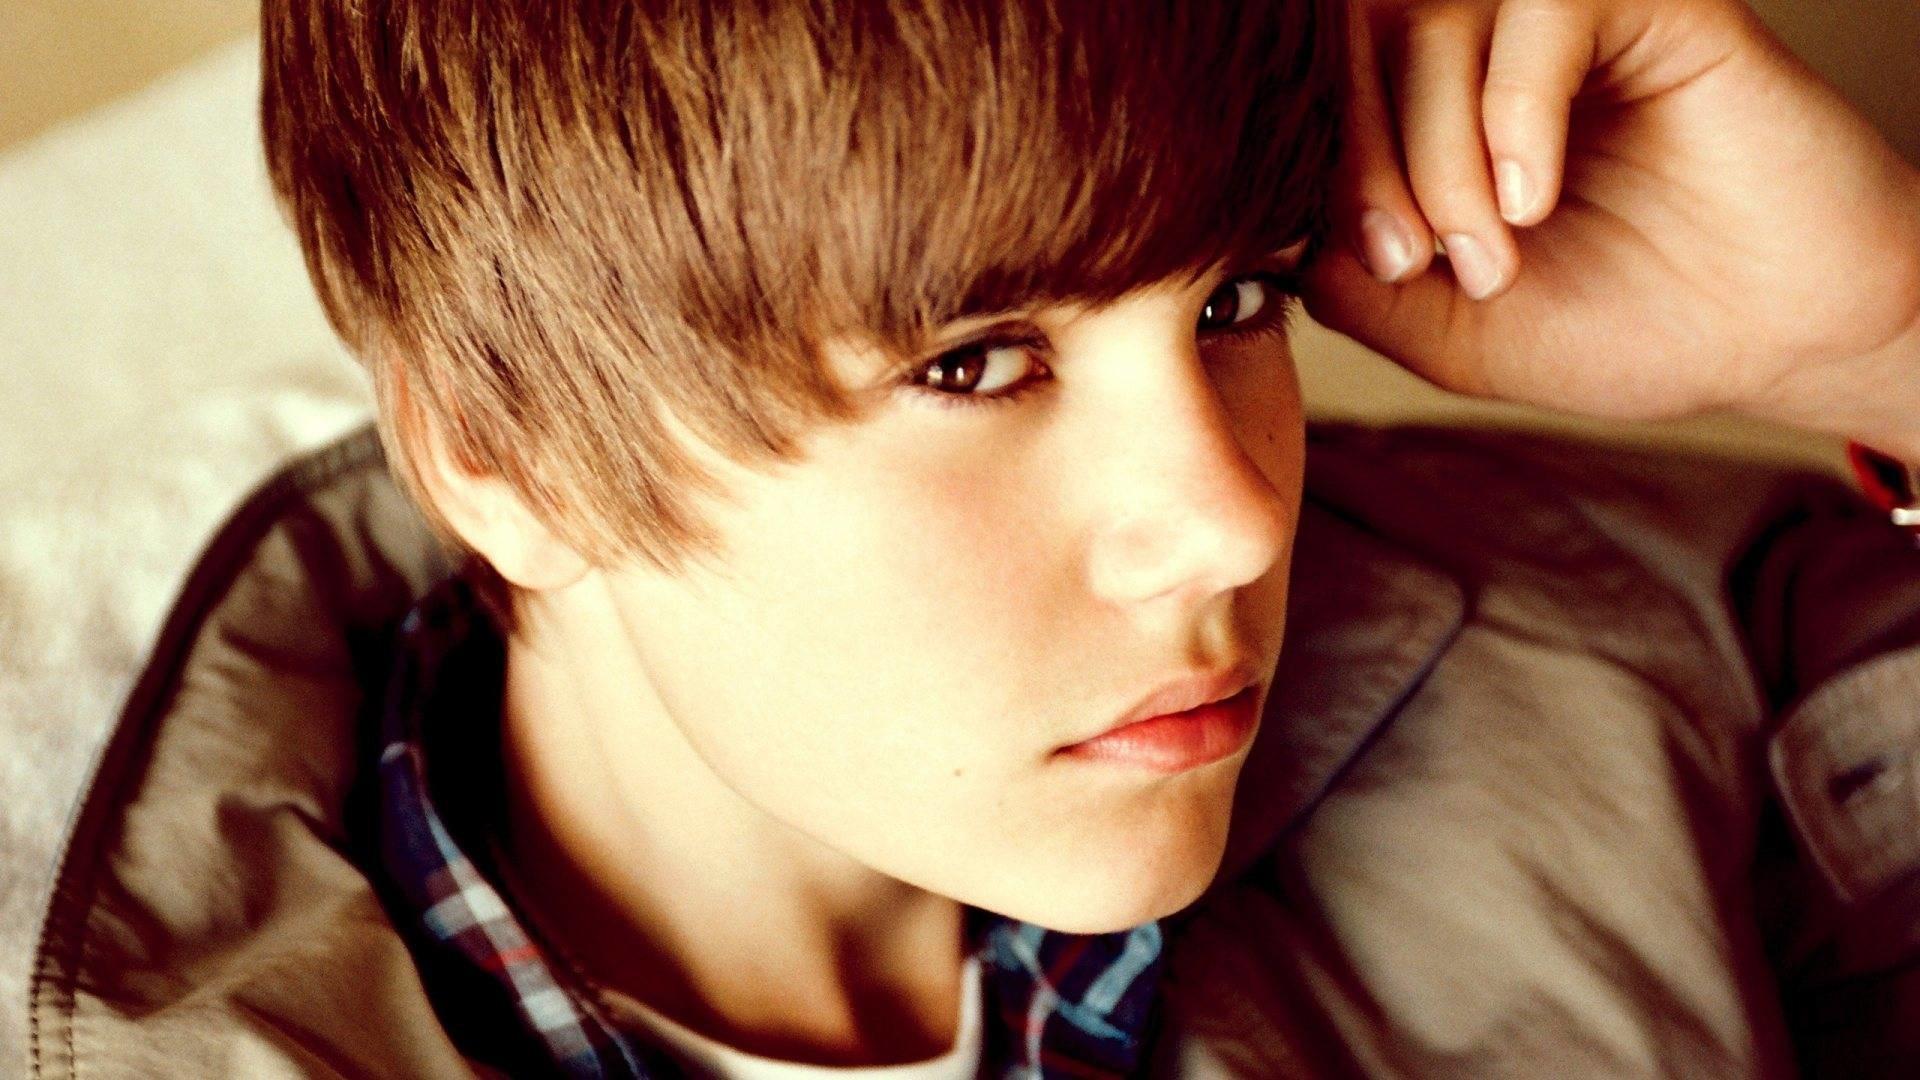 Justin Bieber Wallpaper for Desktop – WallpaperSafari